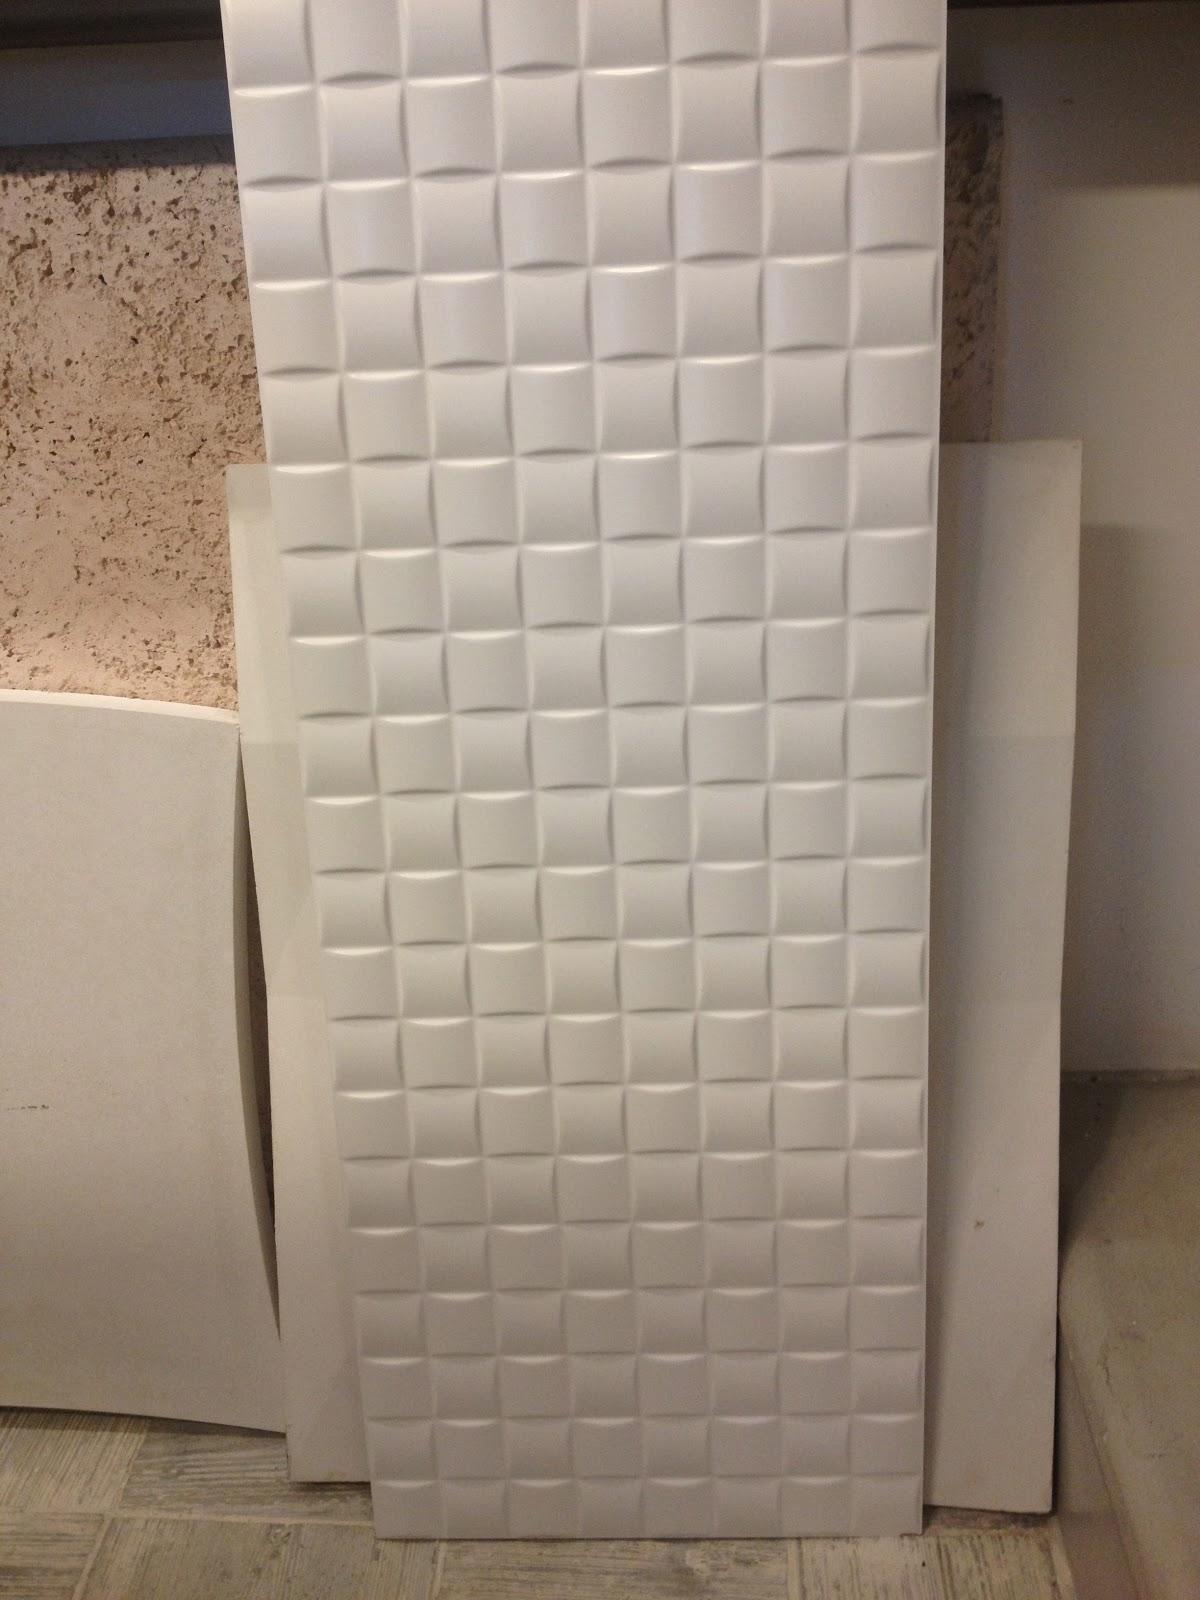 Porcelanato da Porcelanosa Oxo Mosaic Bianco Chão de Barro R$21  #71604D 1200 1600